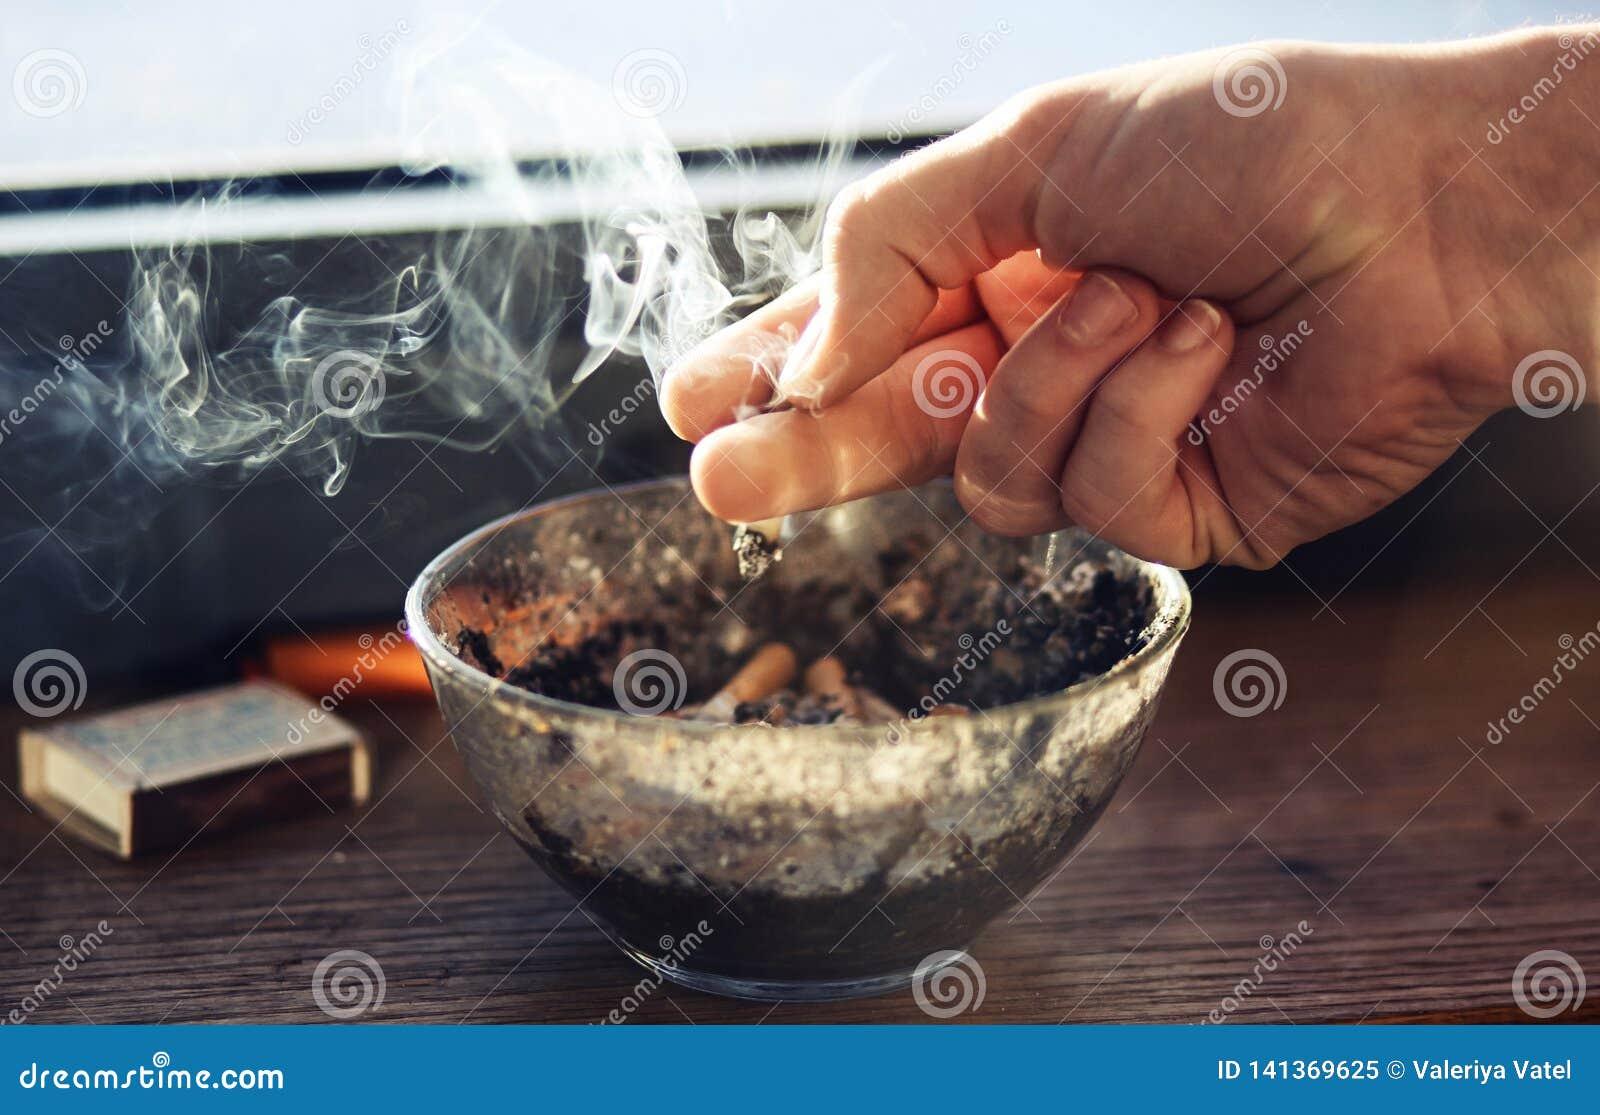 La main humaine se tient au-dessus de la cigarette de cendrier, qui fume fortement